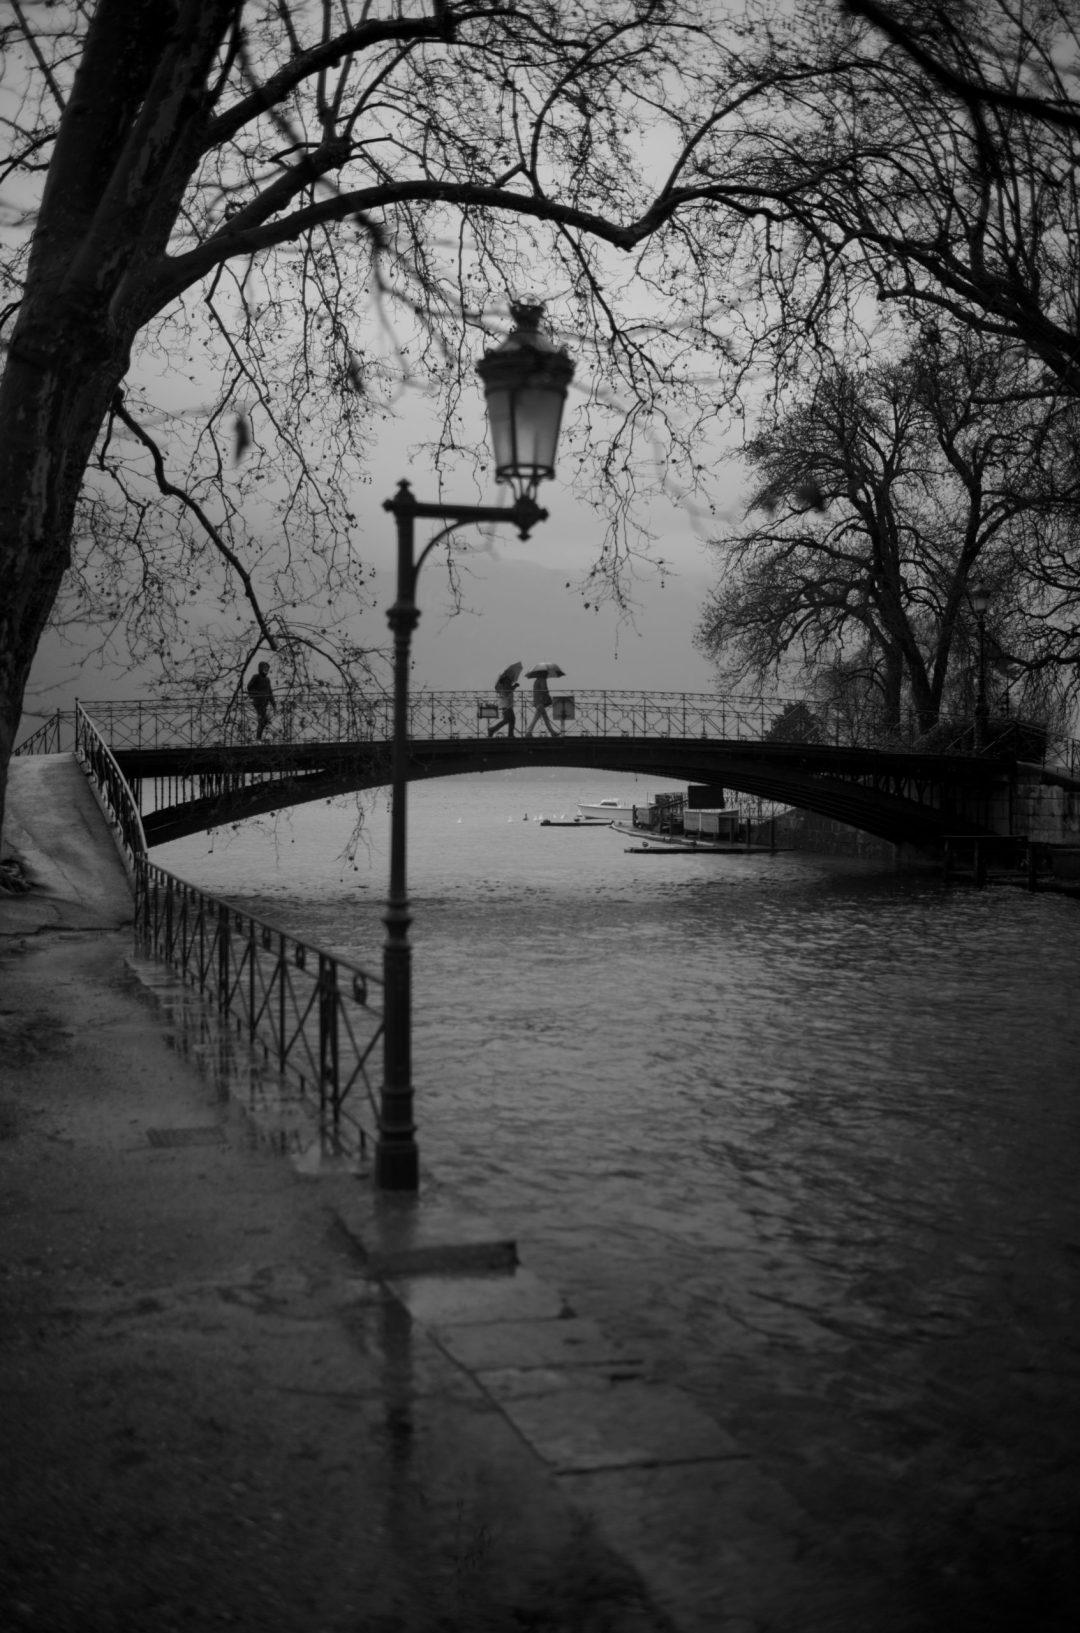 Le pont des amours à Annecy par gros temps